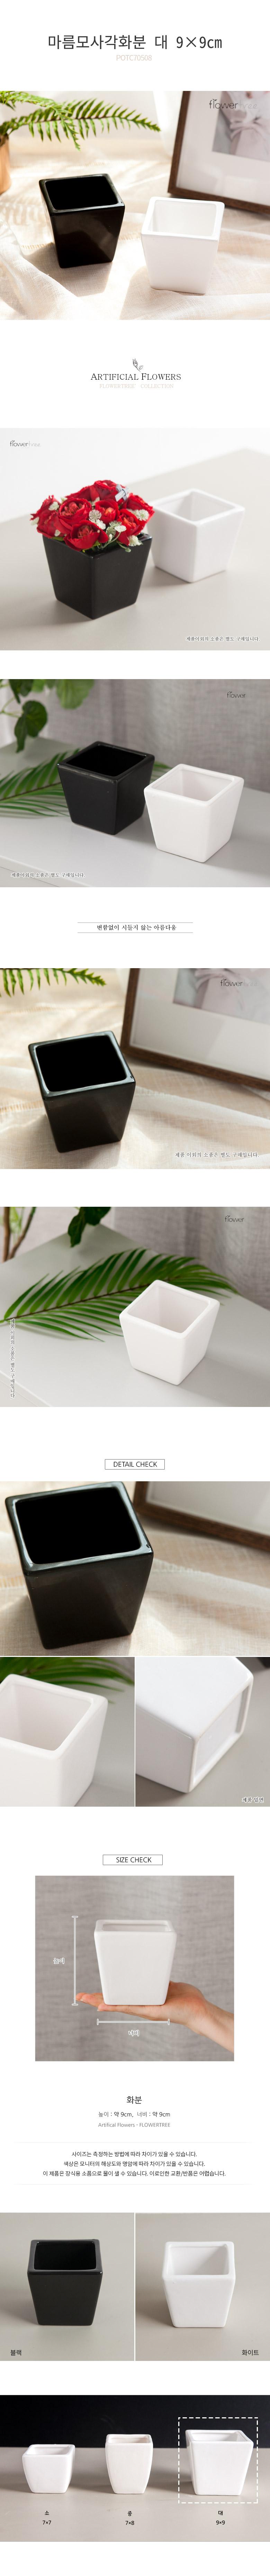 마름모사각화분 대 9x9cm - 플라워트리, 3,300원, 공화분, 도자기화분